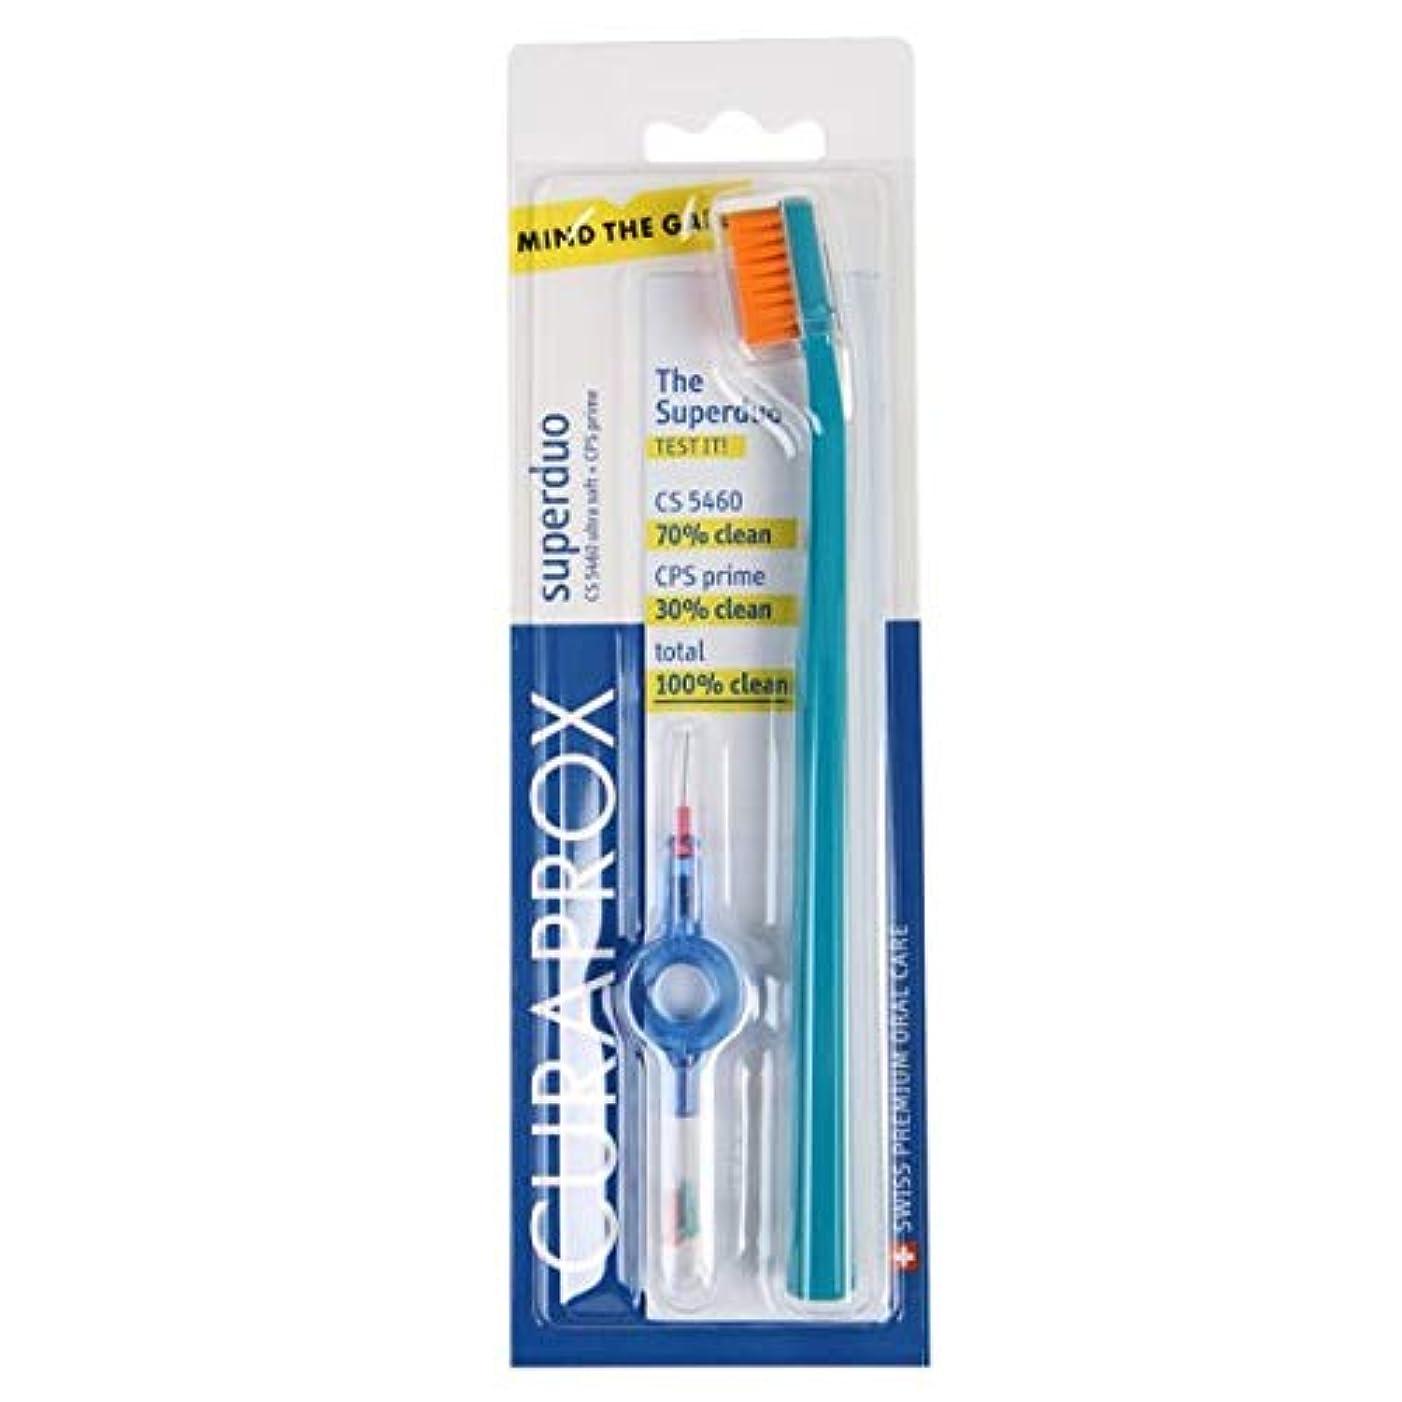 目に見える聖職者壊れたクラプロックス 歯ブラシ+歯間ブラシ セット CS 5460 + CPS 06/07/08, UHS 409 holder + cap